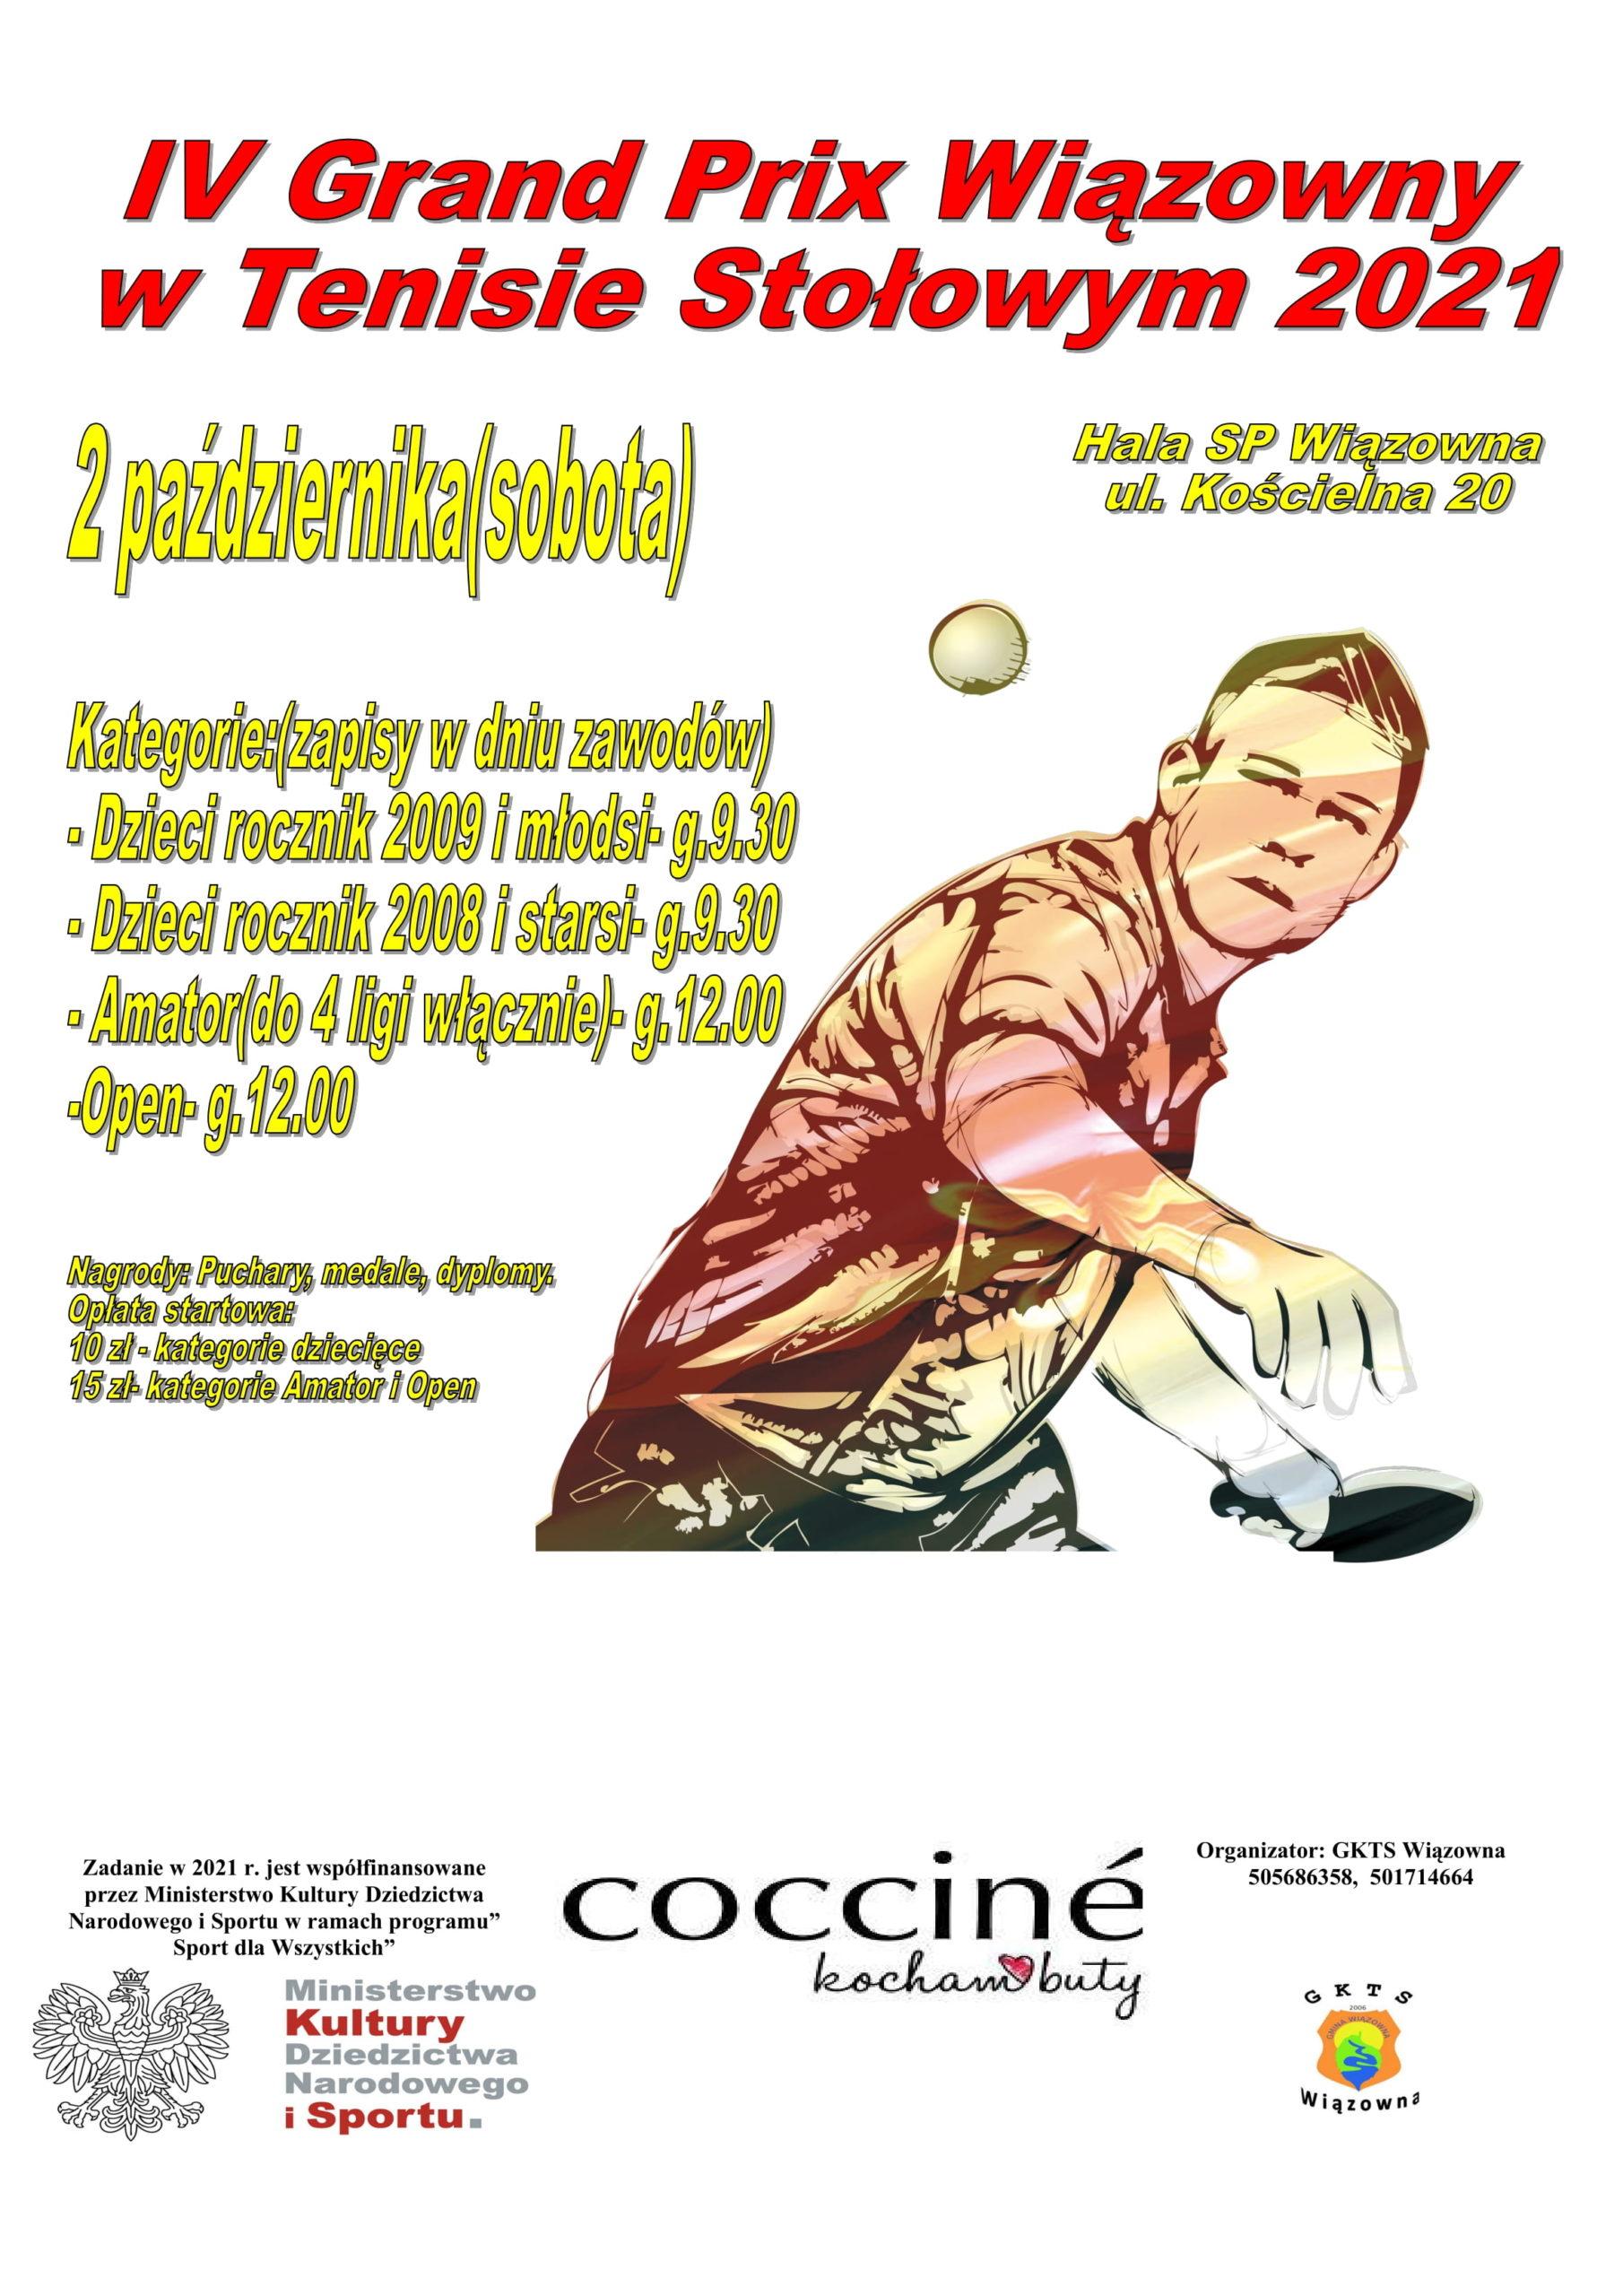 Gminny Klub Tenisa Stołowego zaprasza na IV Turniej Grand Prix Wiązowny w Tenisie Stołowym, który odbędzie się 2 października.